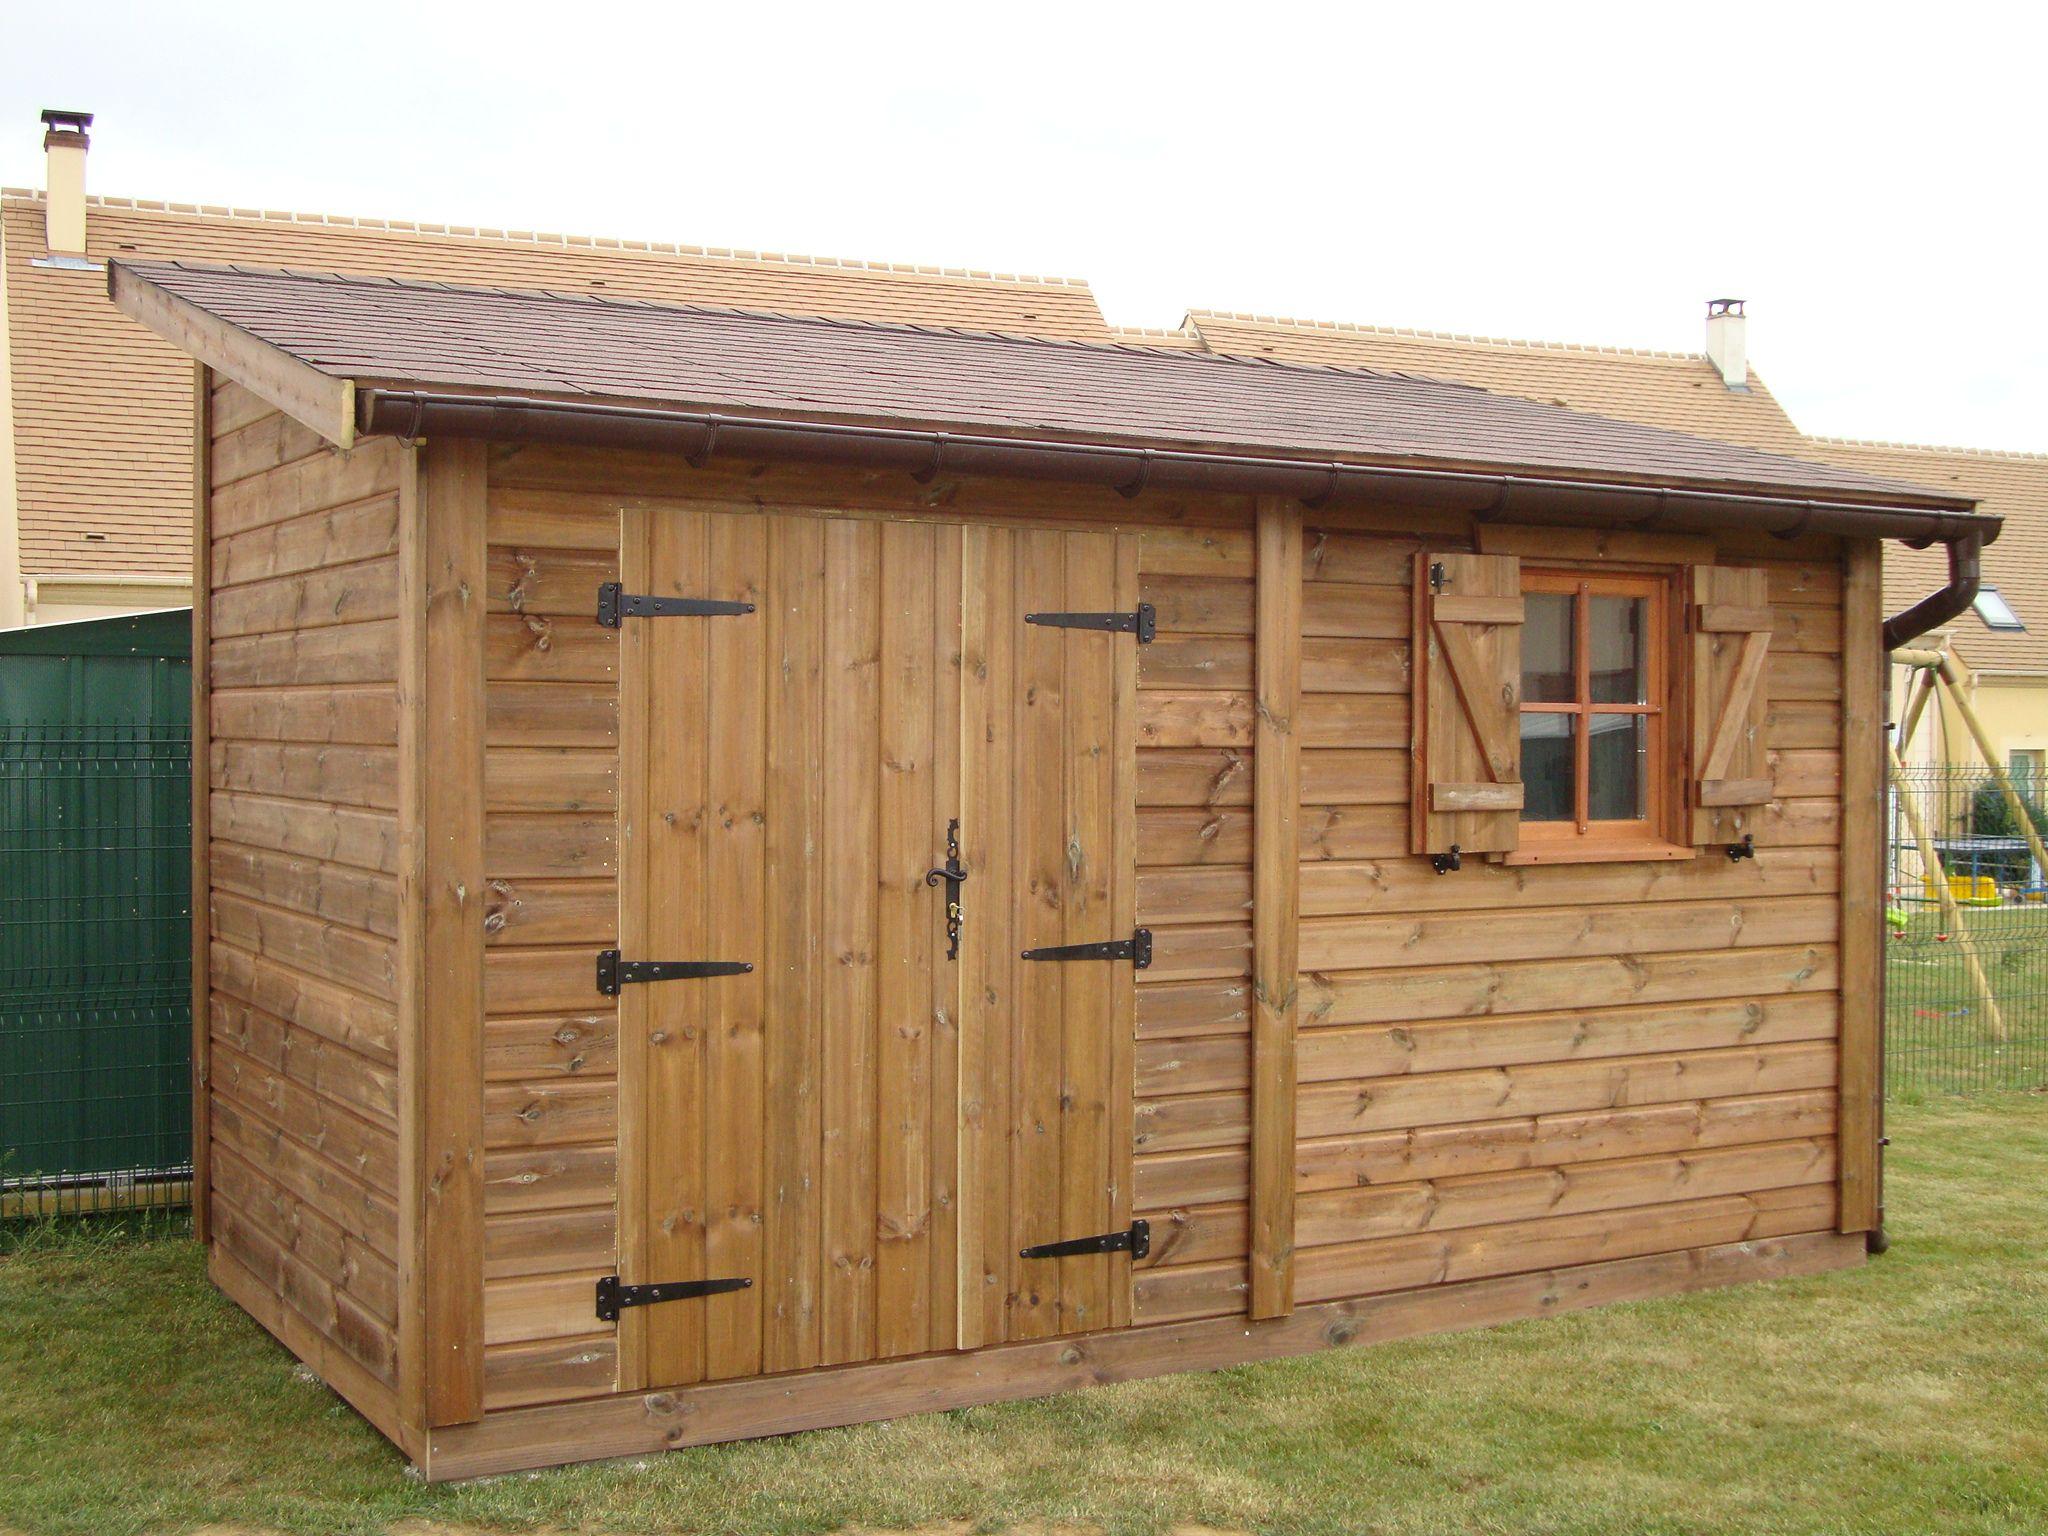 Construire Abris Bois terrasse en bois: construction abri de jardin